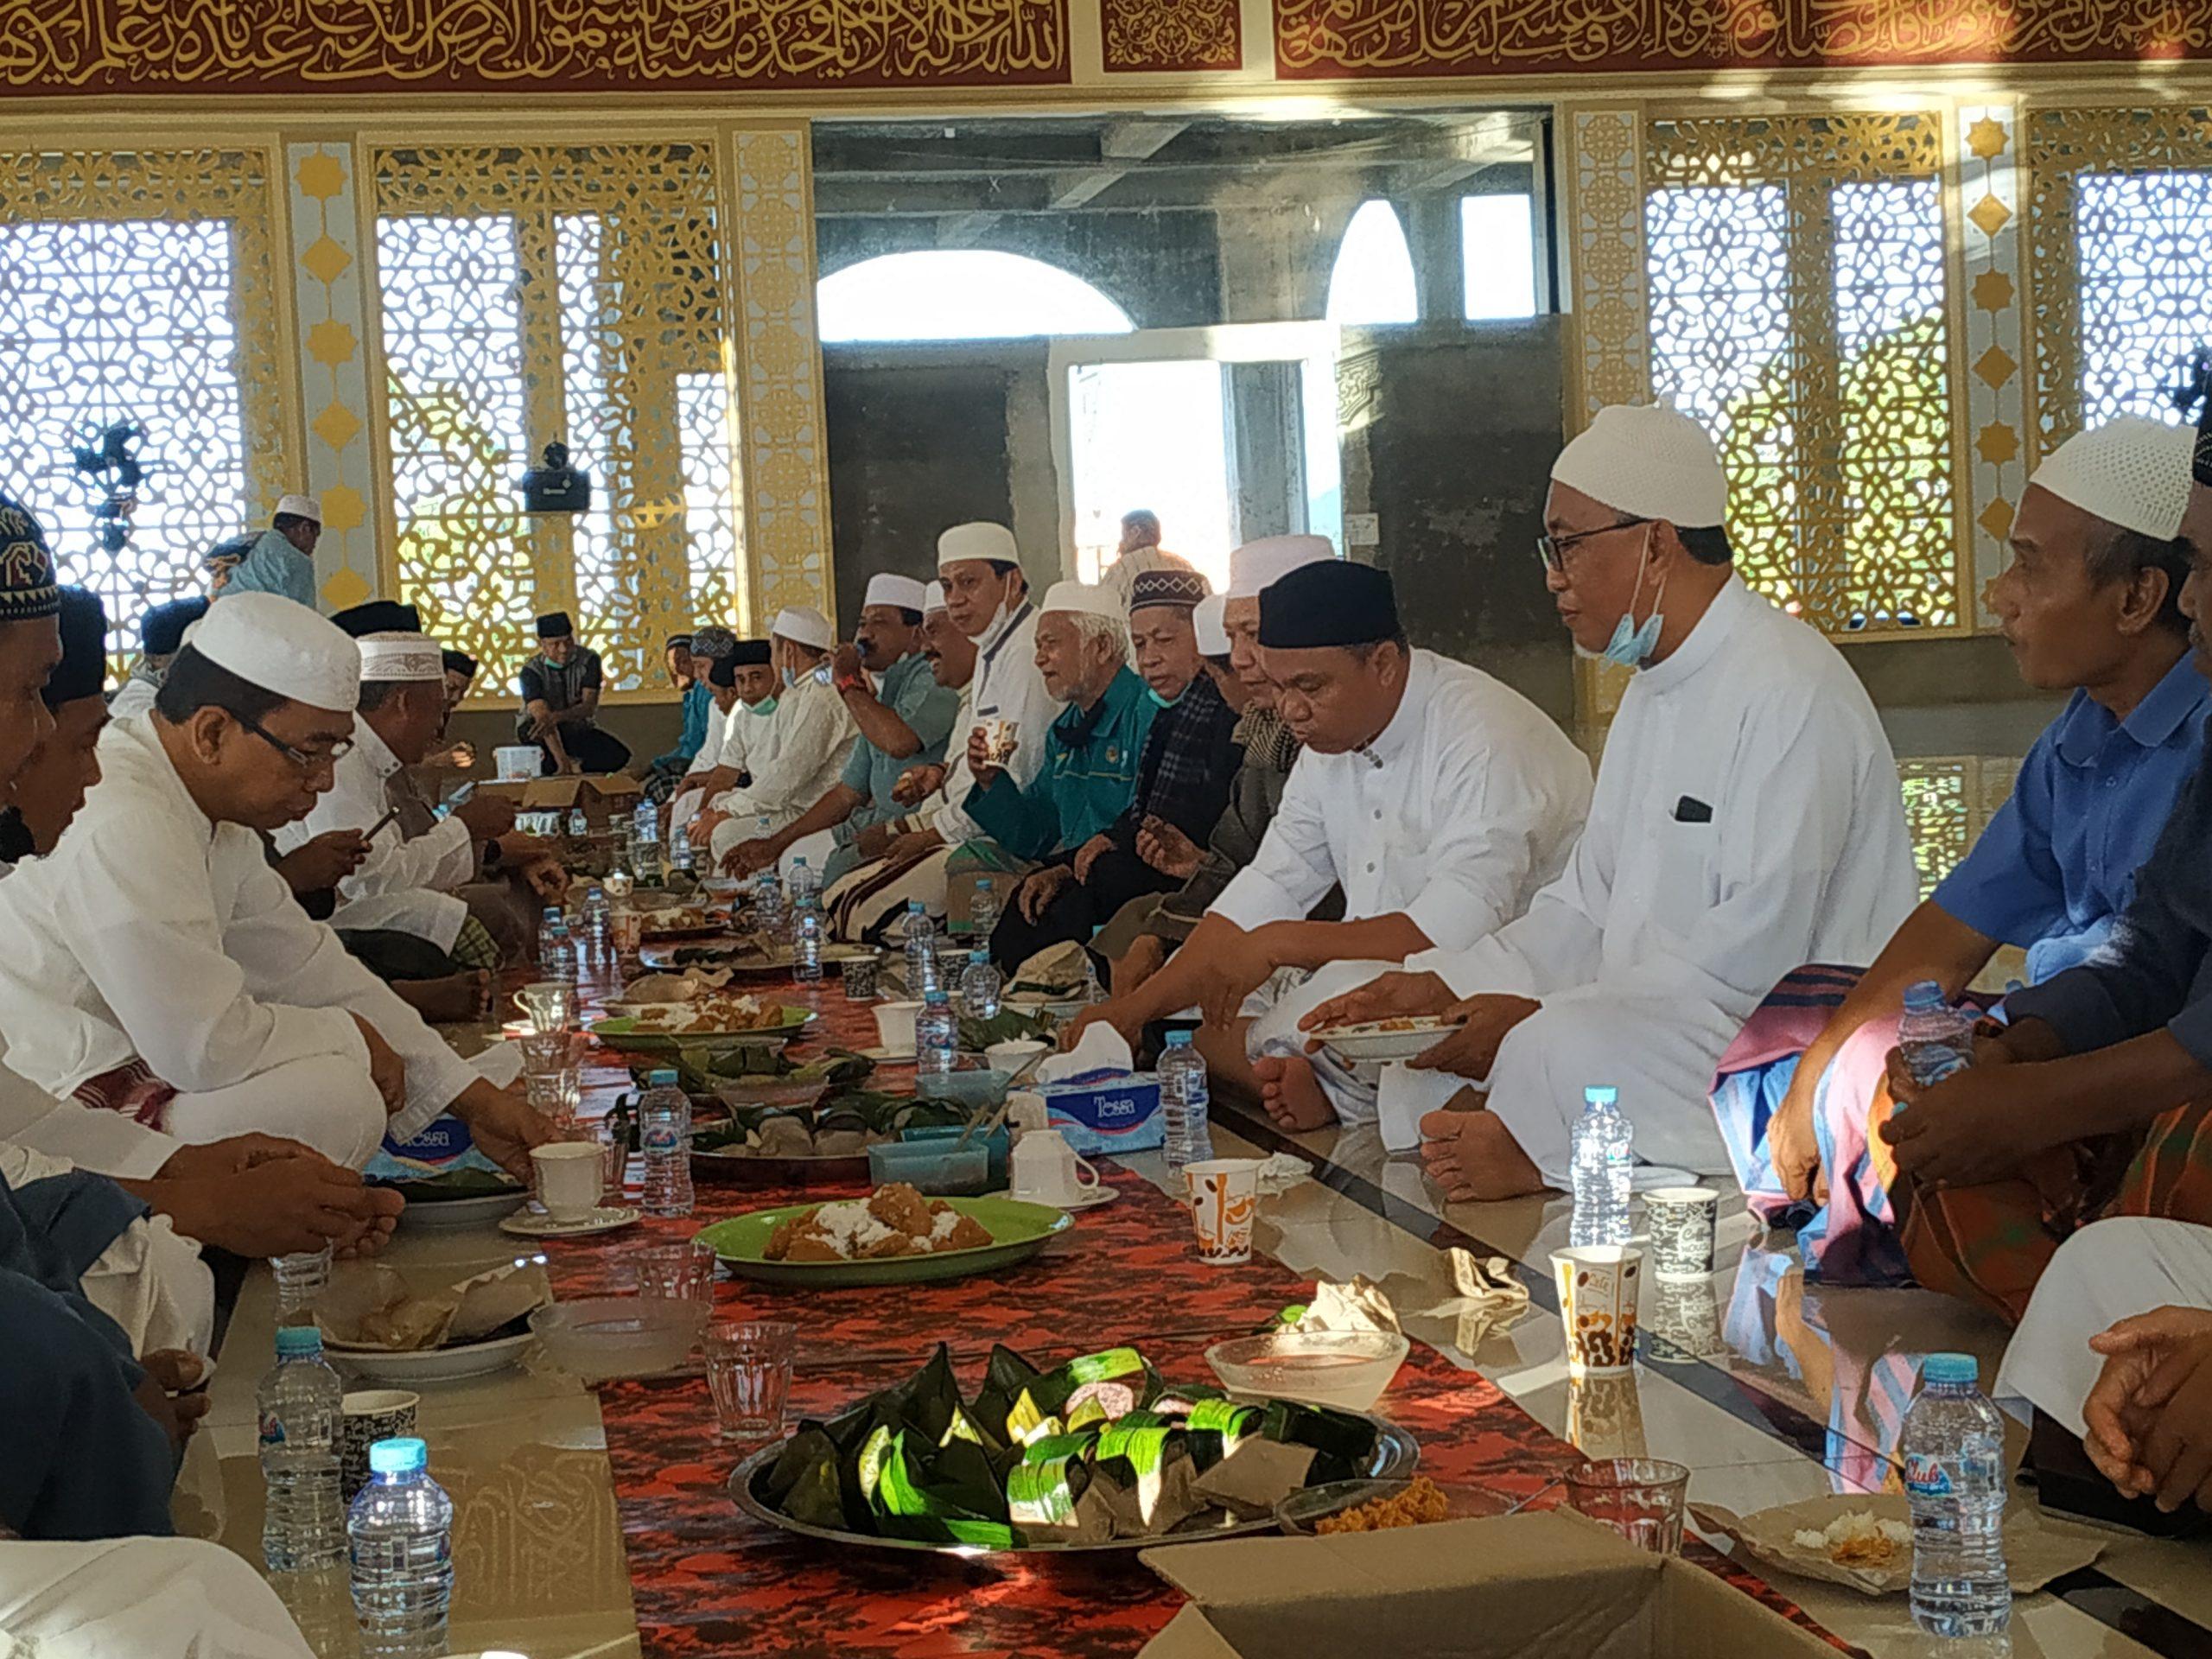 Bupati Budiman bersama jemaah mesjid Babul Khair dalam acara diskusi usai mendengarkan ceramah subuh, Malili (4/7/21).